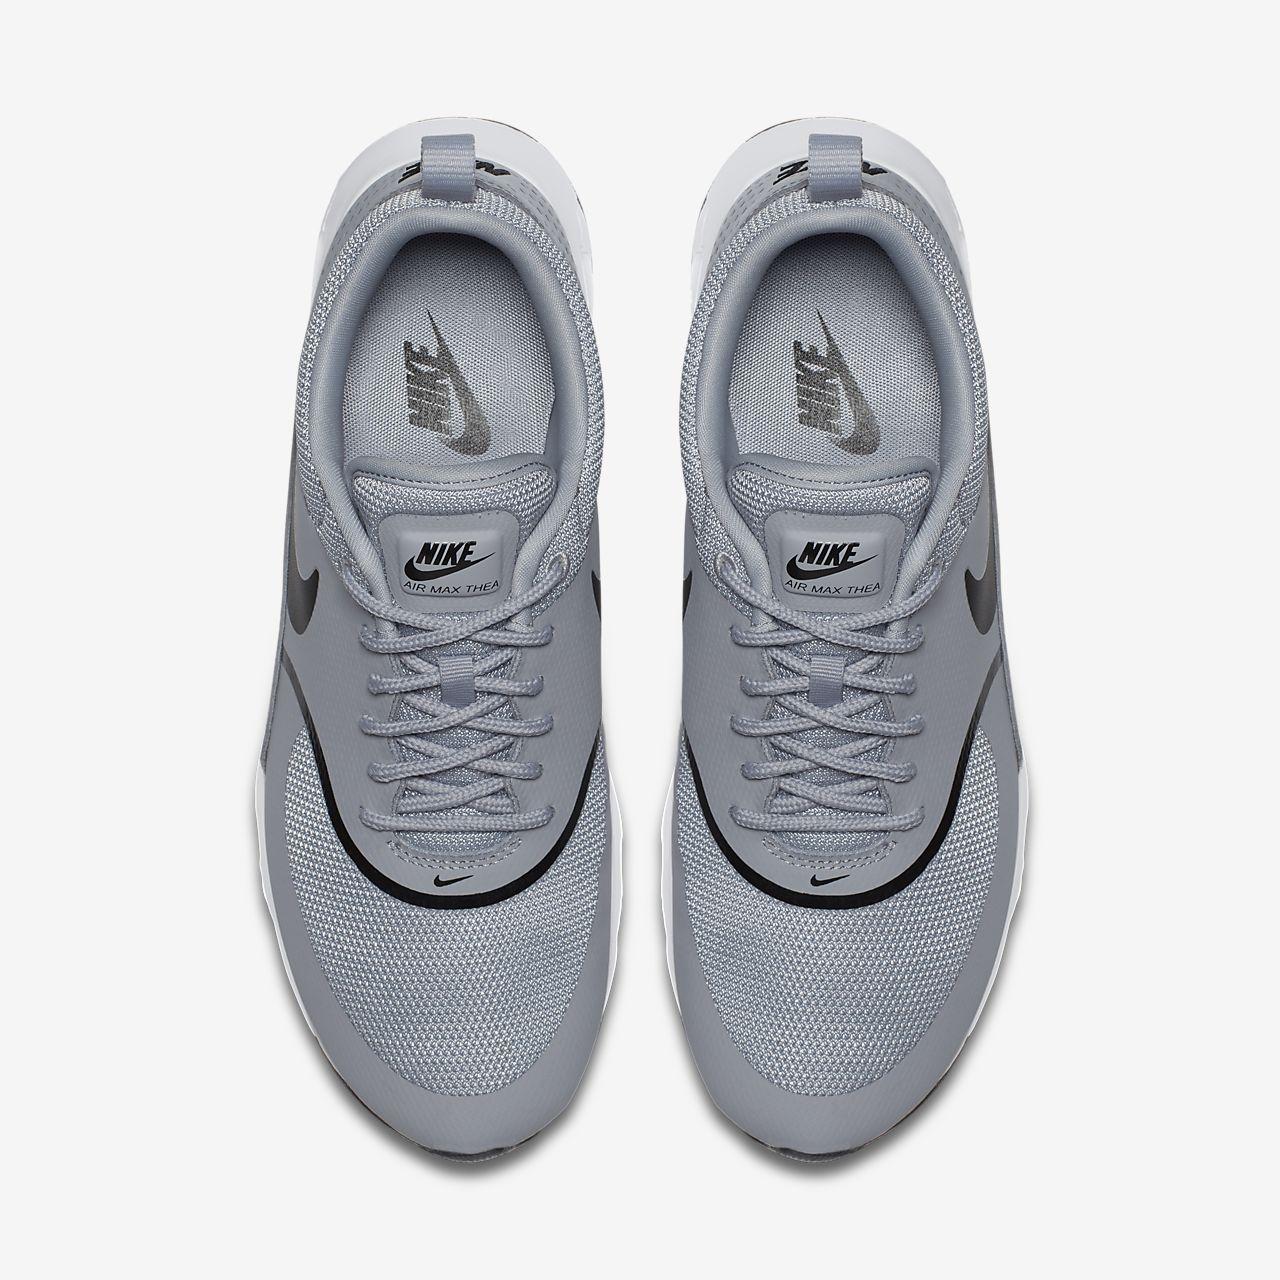 reputable site 3f91c c6e90 ... Nike Air Max Thea Women s Shoe